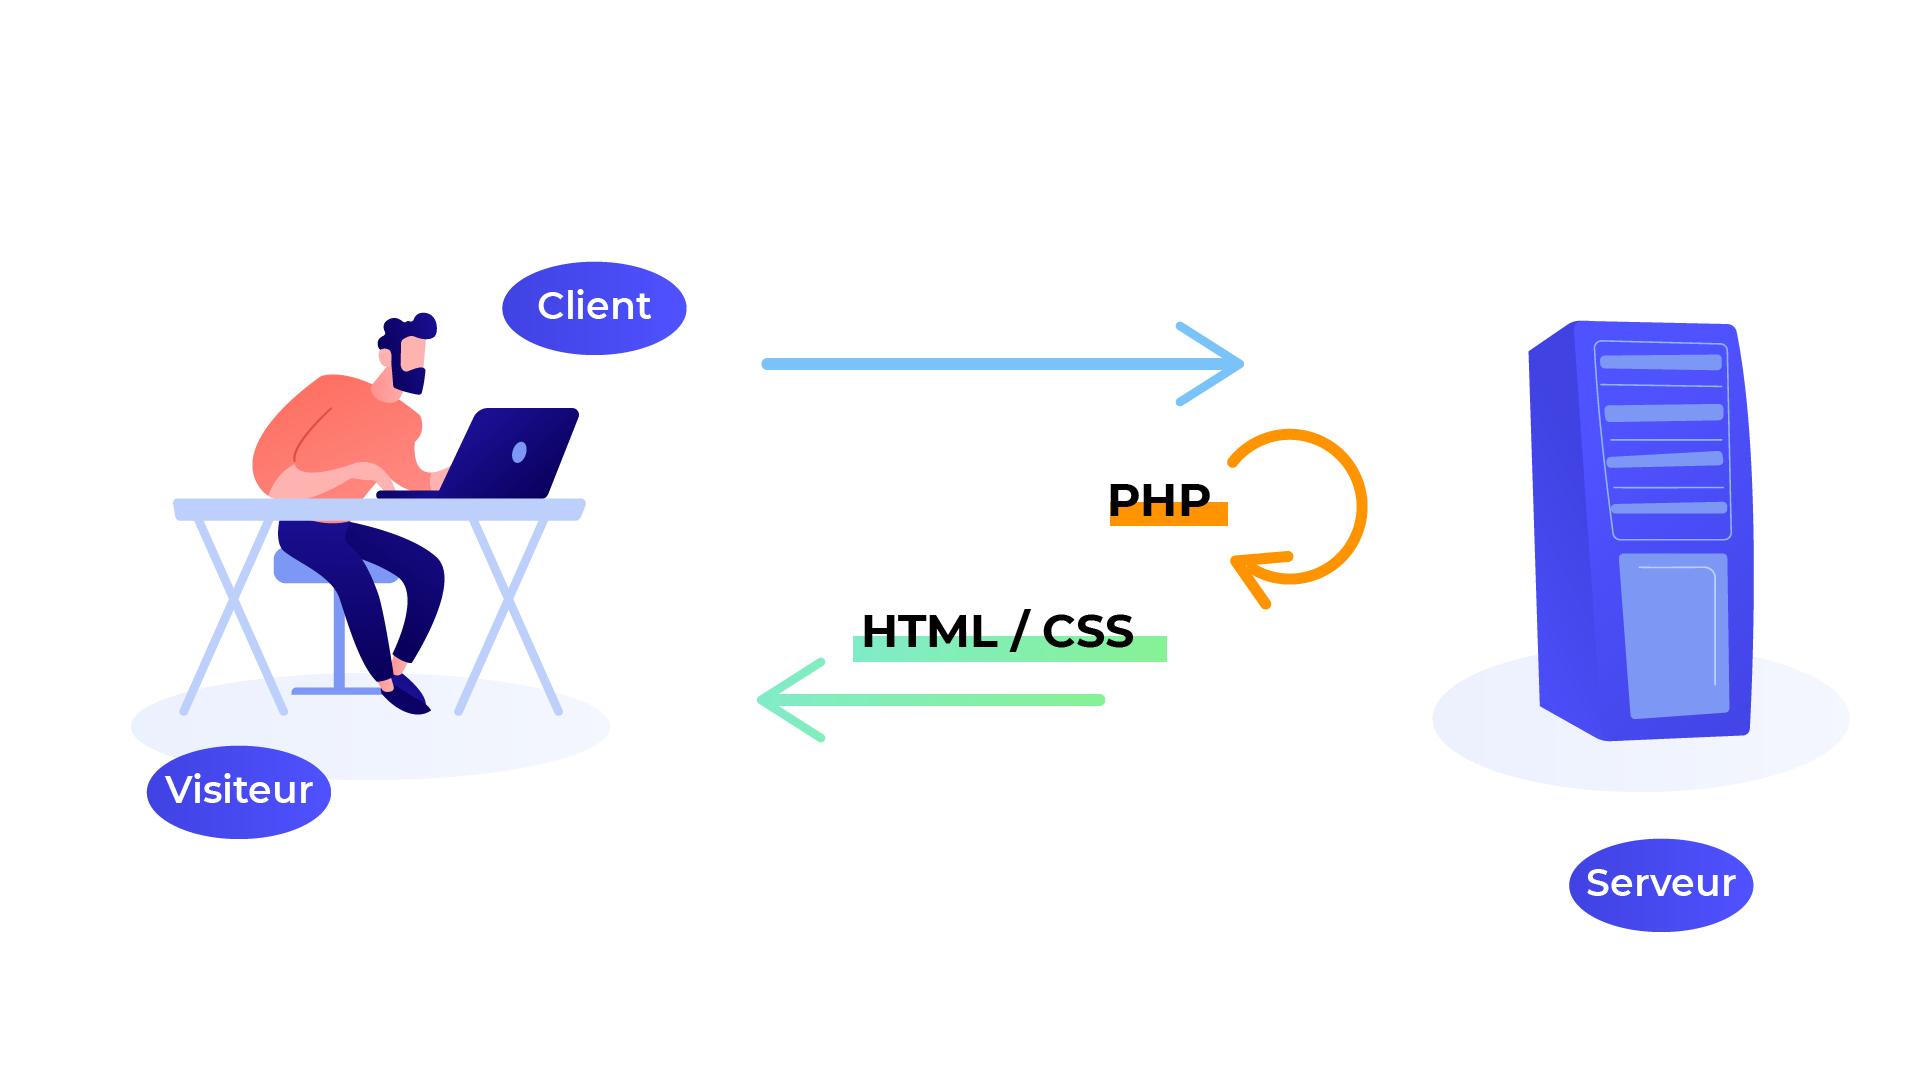 Le serveur génère la page en utilisant le langage PHP, puis envoie la page au client en utilisant le langage HTML et CSS.